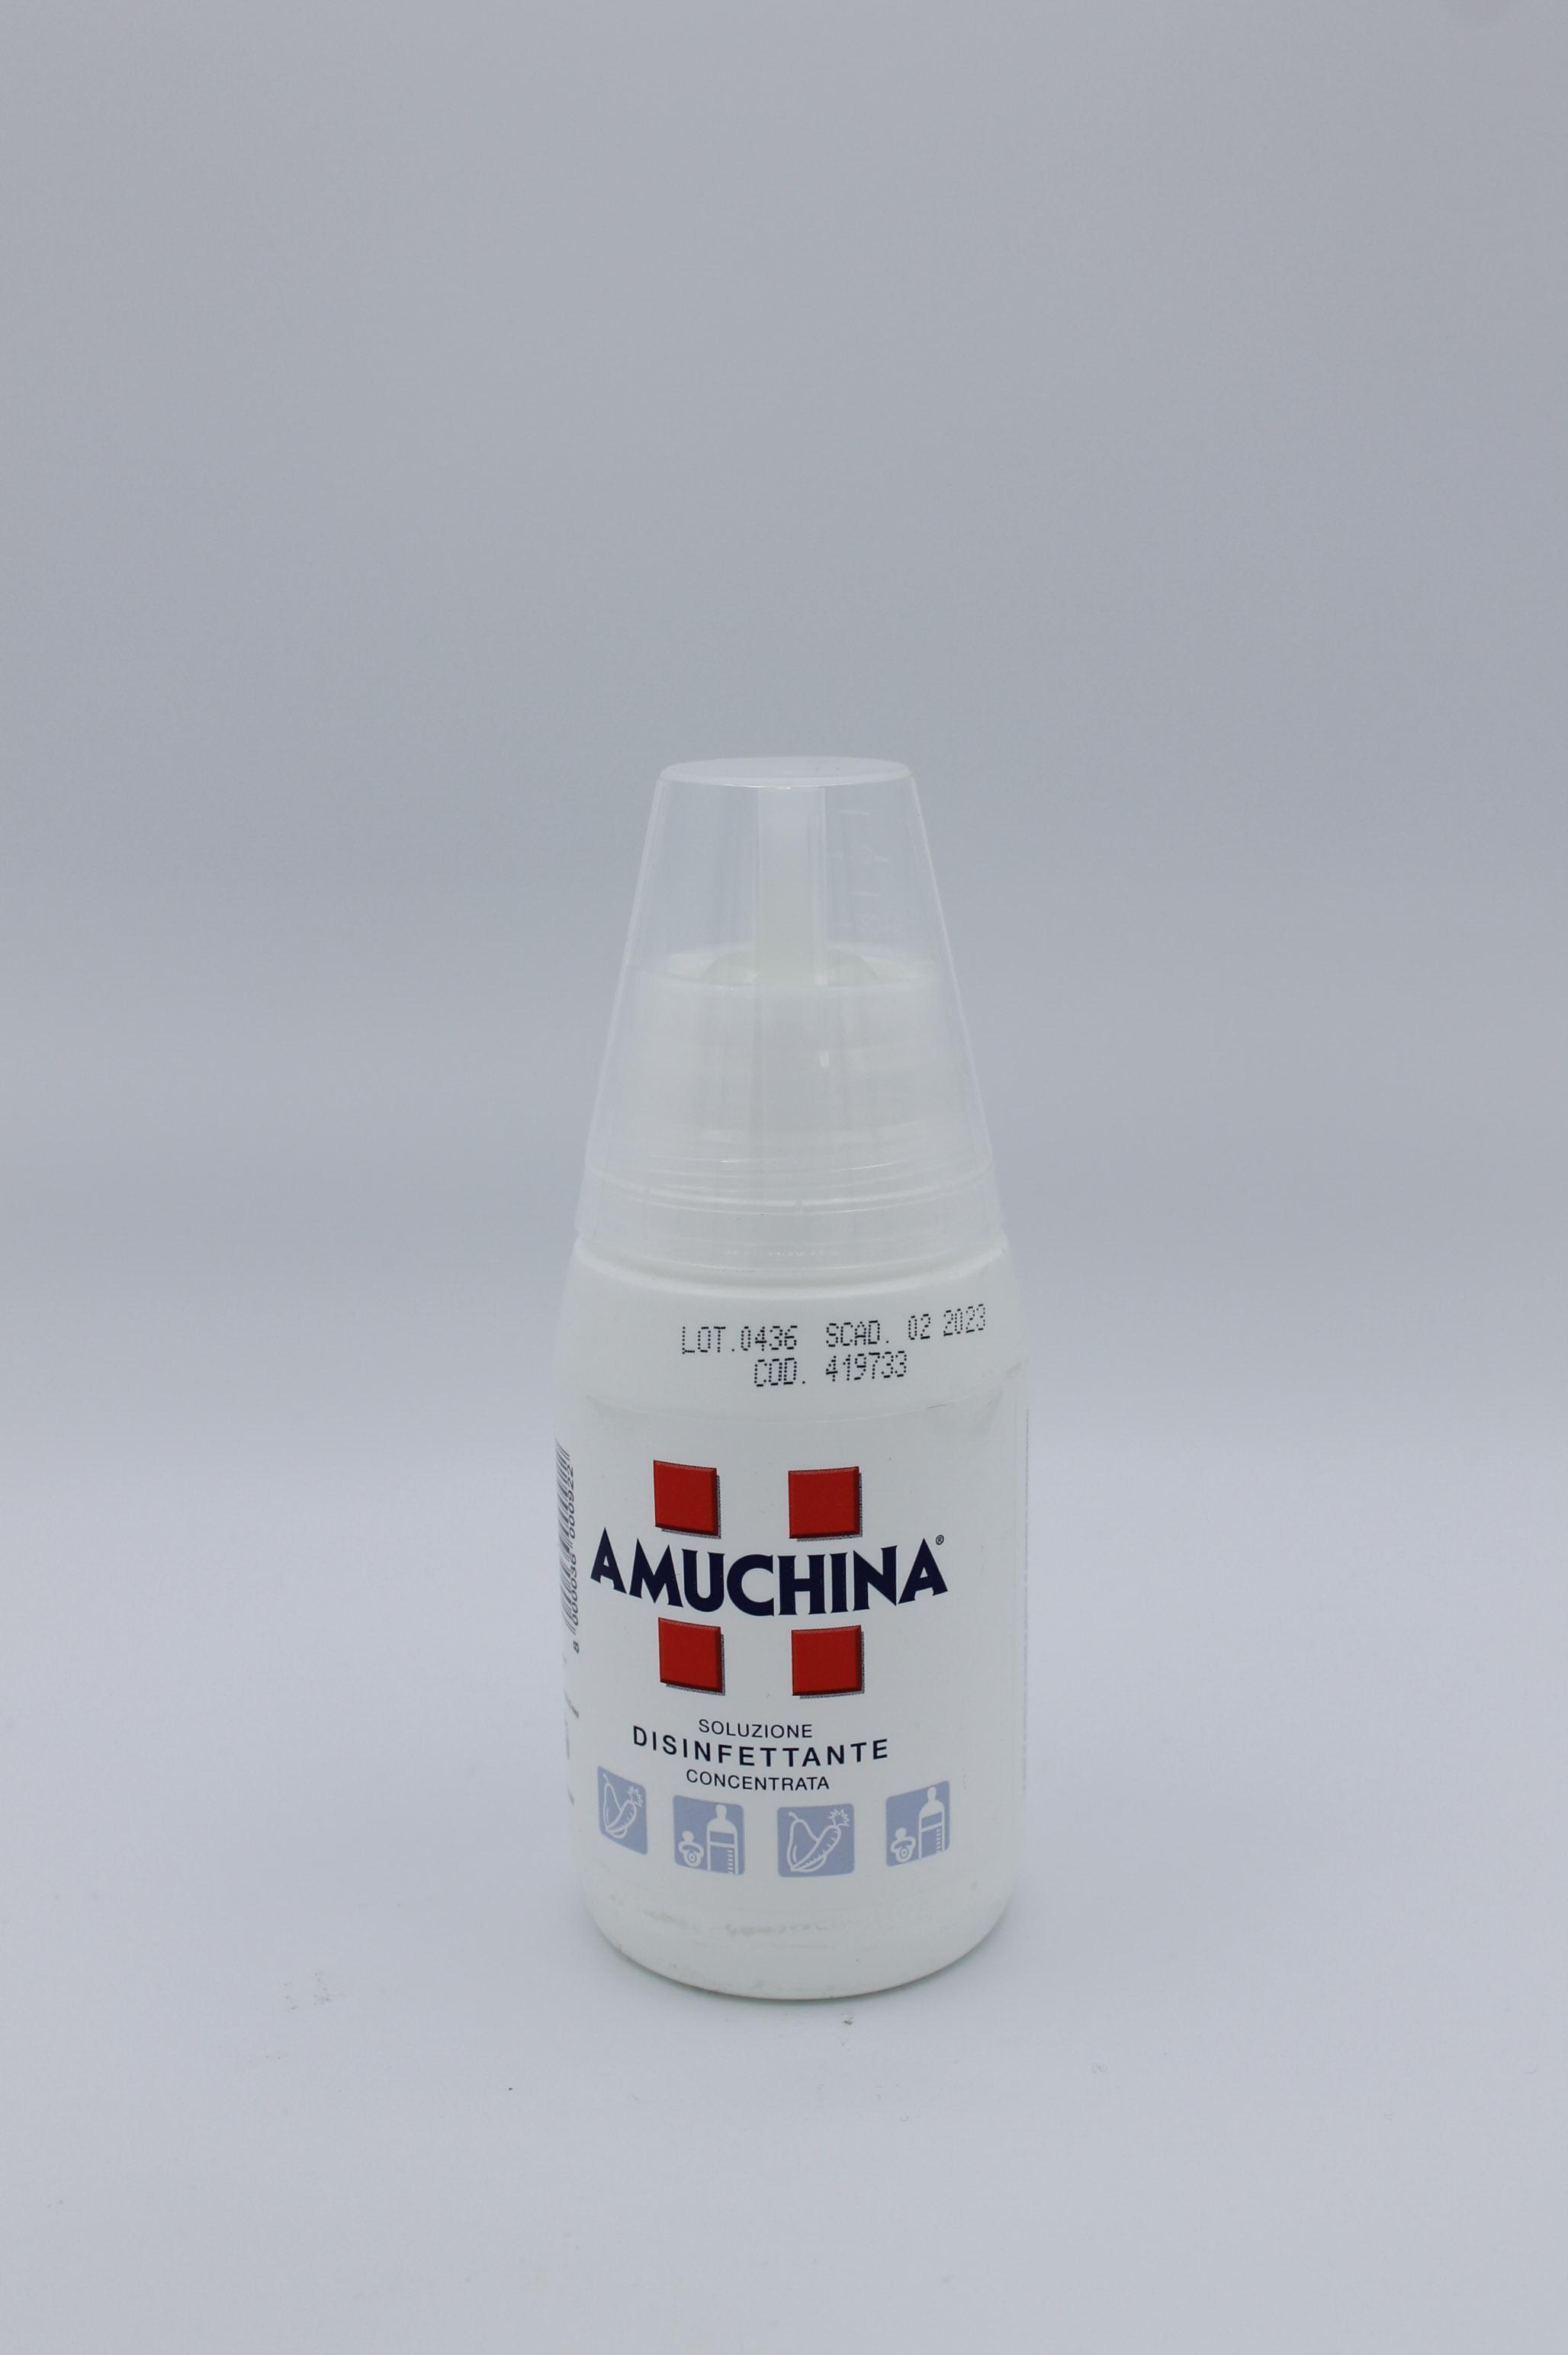 Amuchina soluzione disinfettante 250ml.